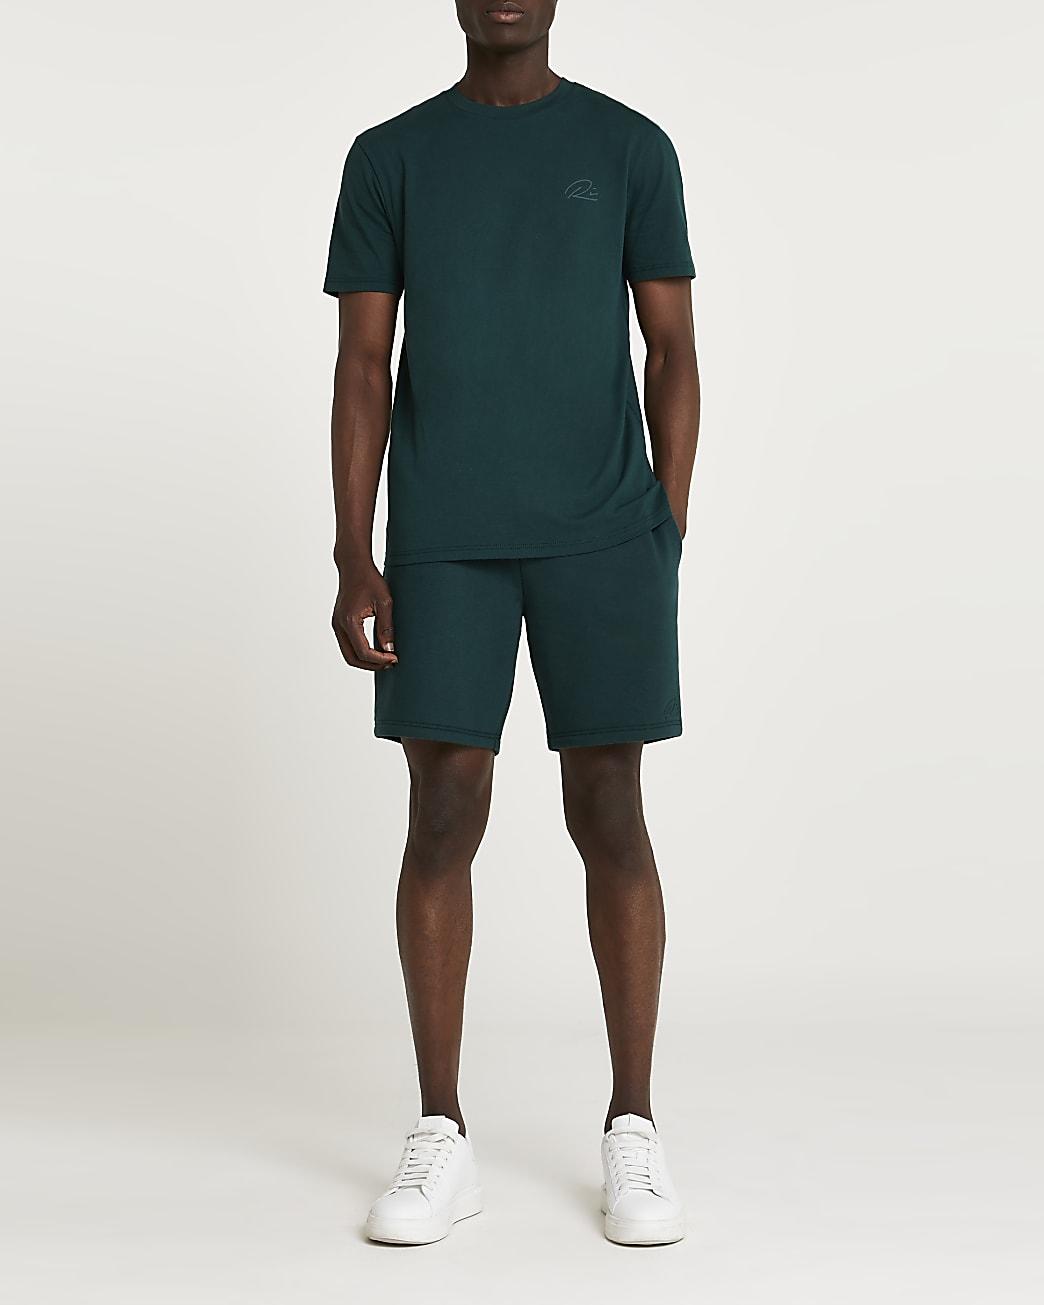 Green RI slim fit t-shirt and shorts set